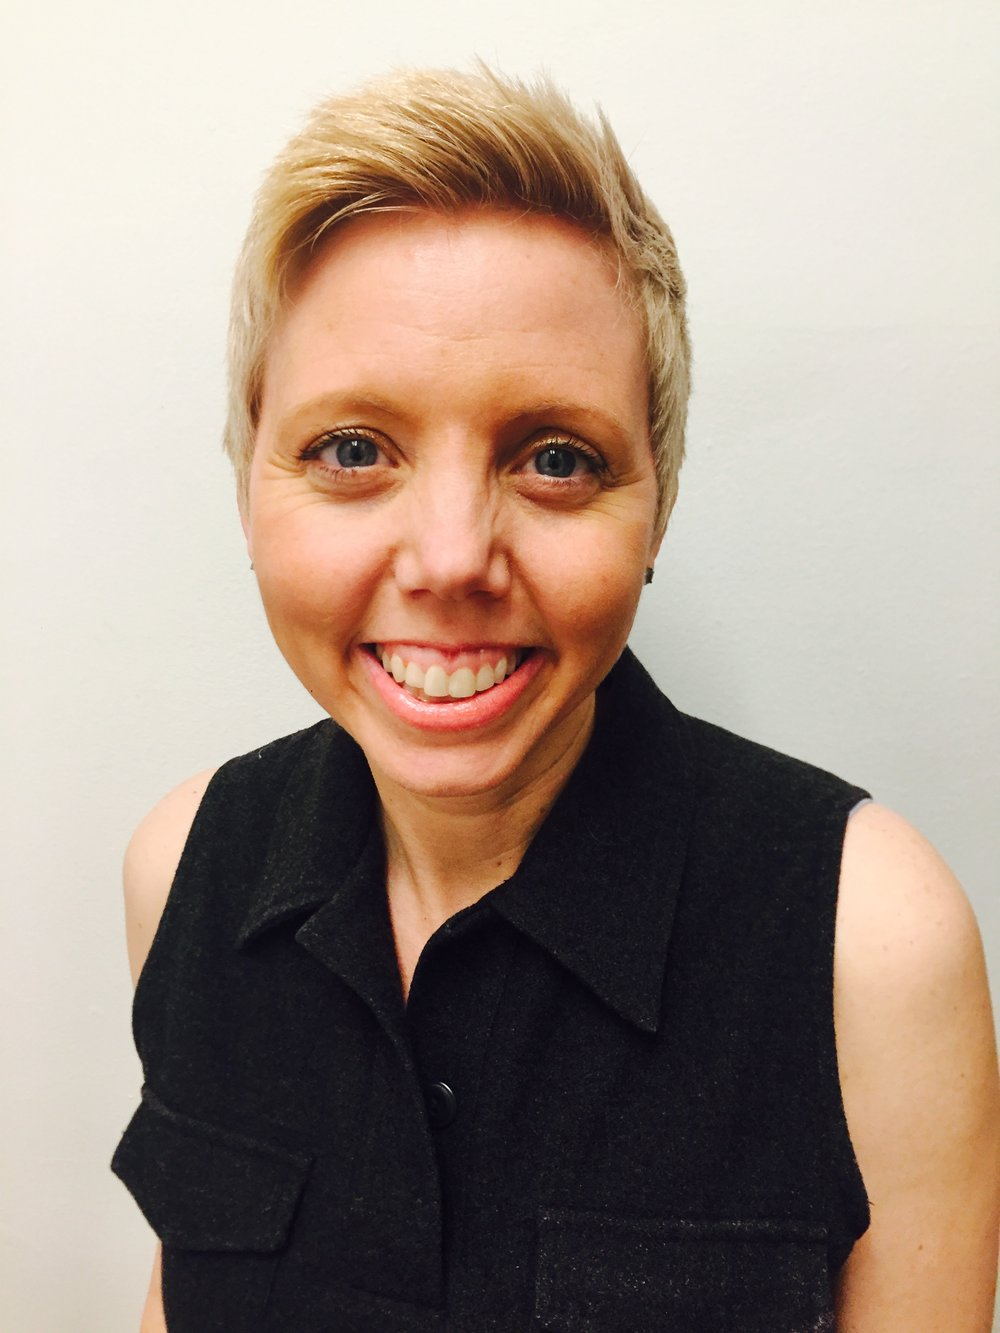 Profile of Joy Katie Burke.jpg